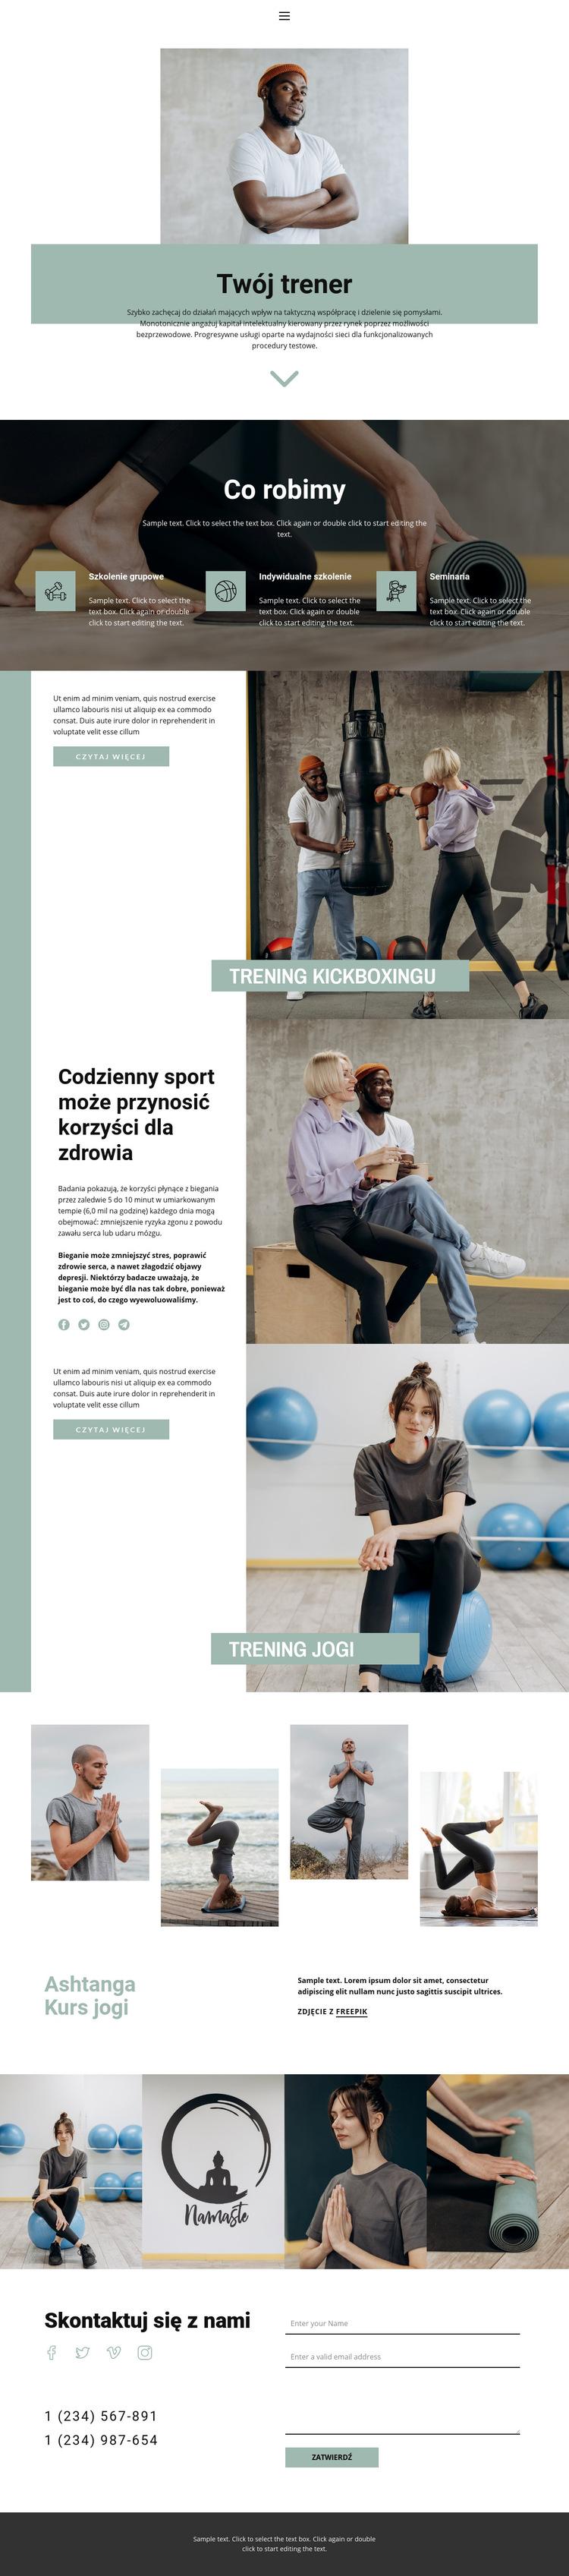 Sekcje sportowe Szablon witryny sieci Web